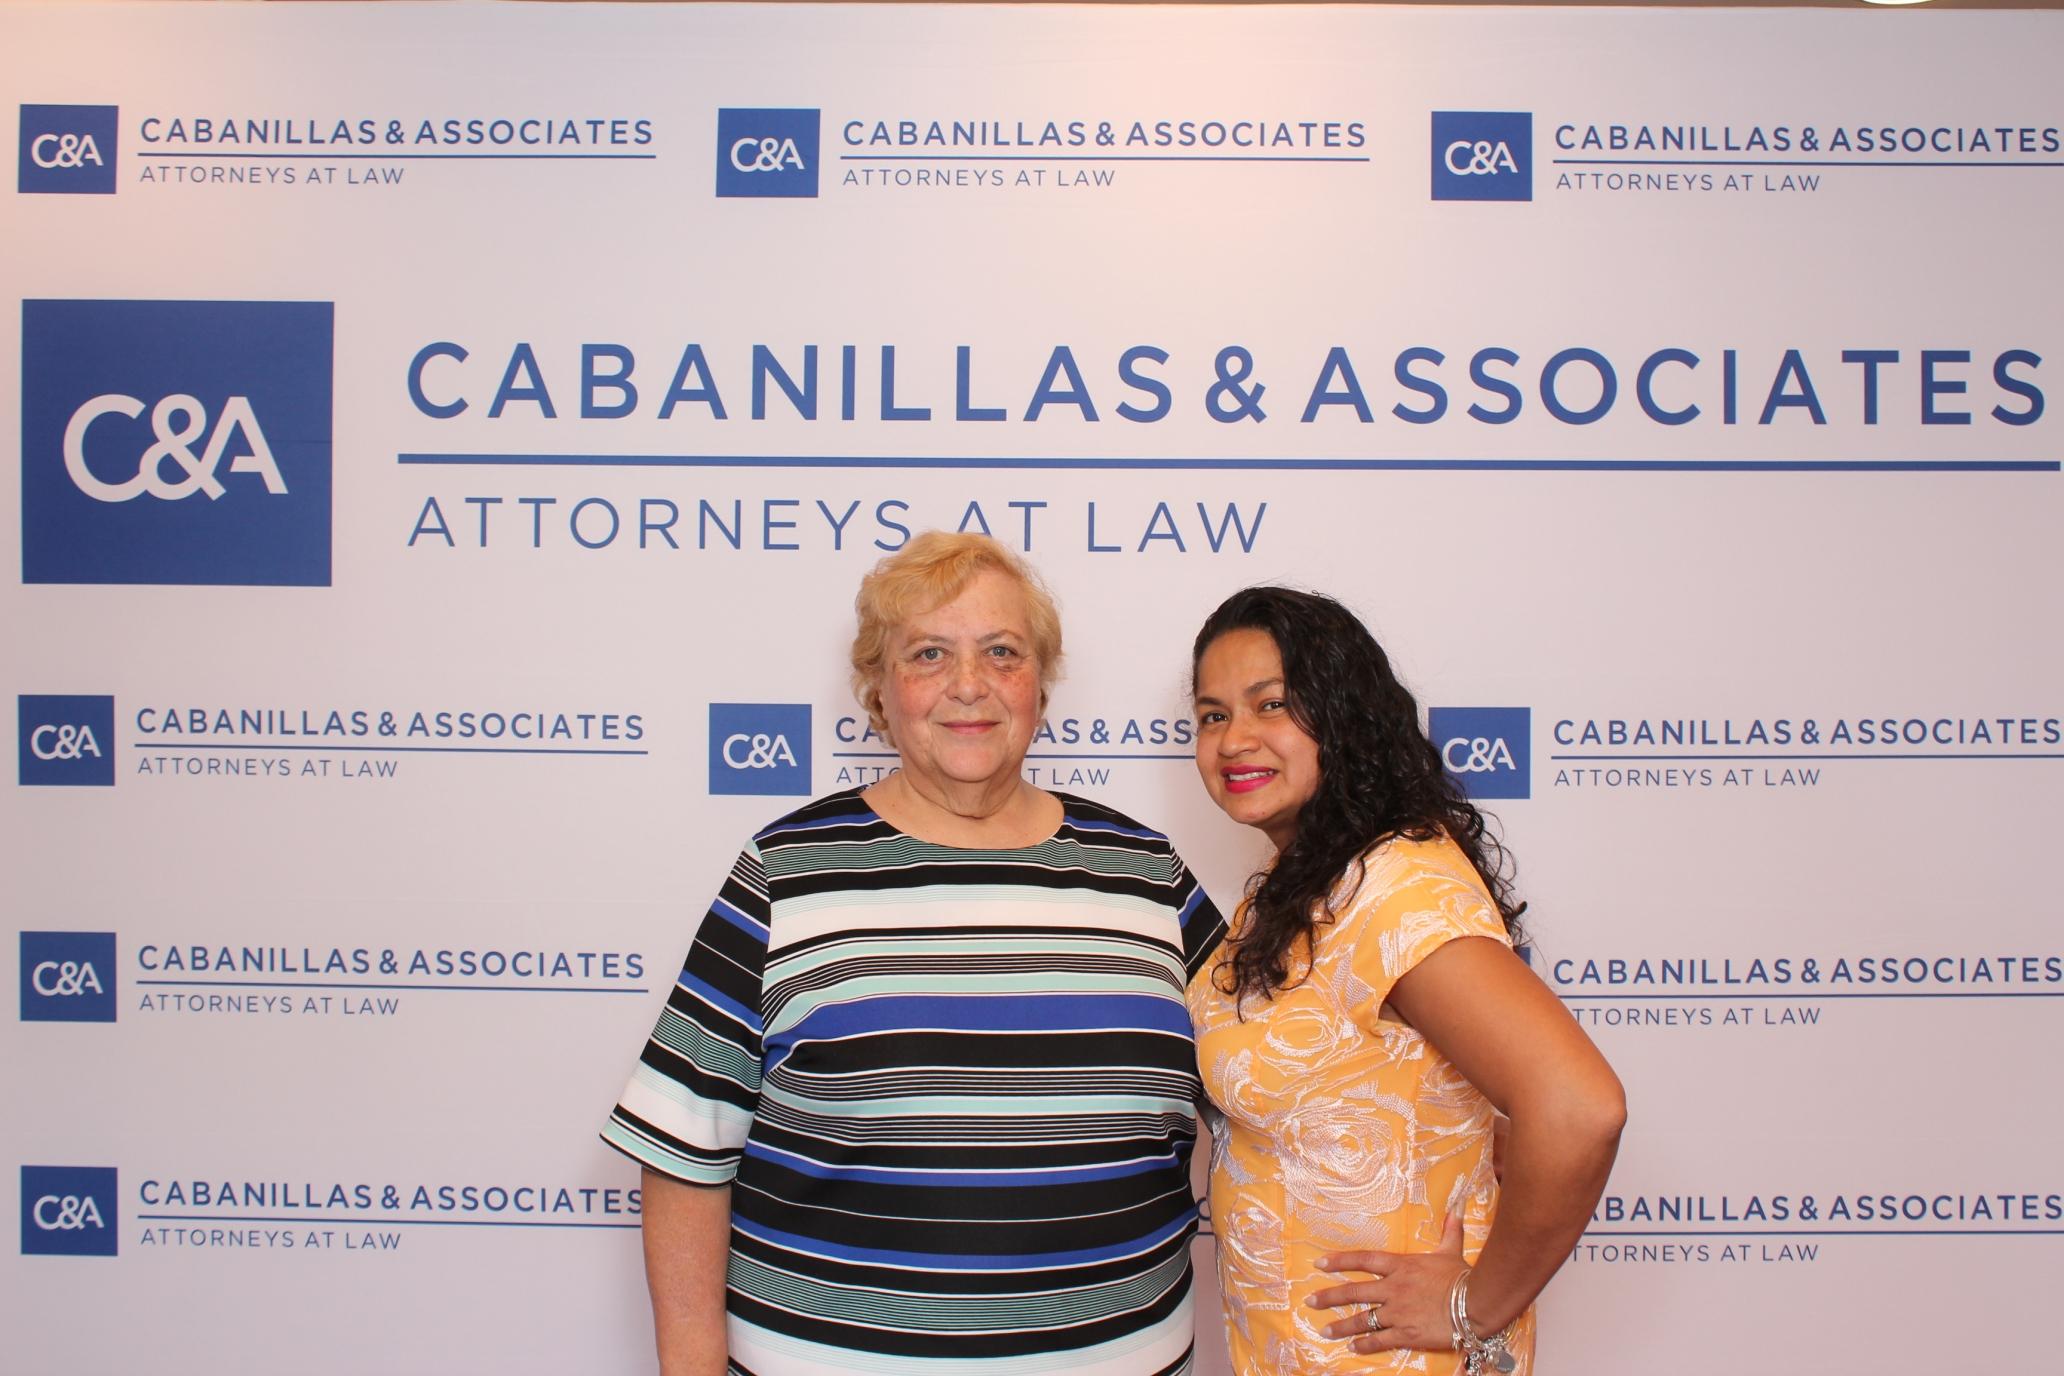 Cabanillas2018_2018-06-14_18-42-28.jpg